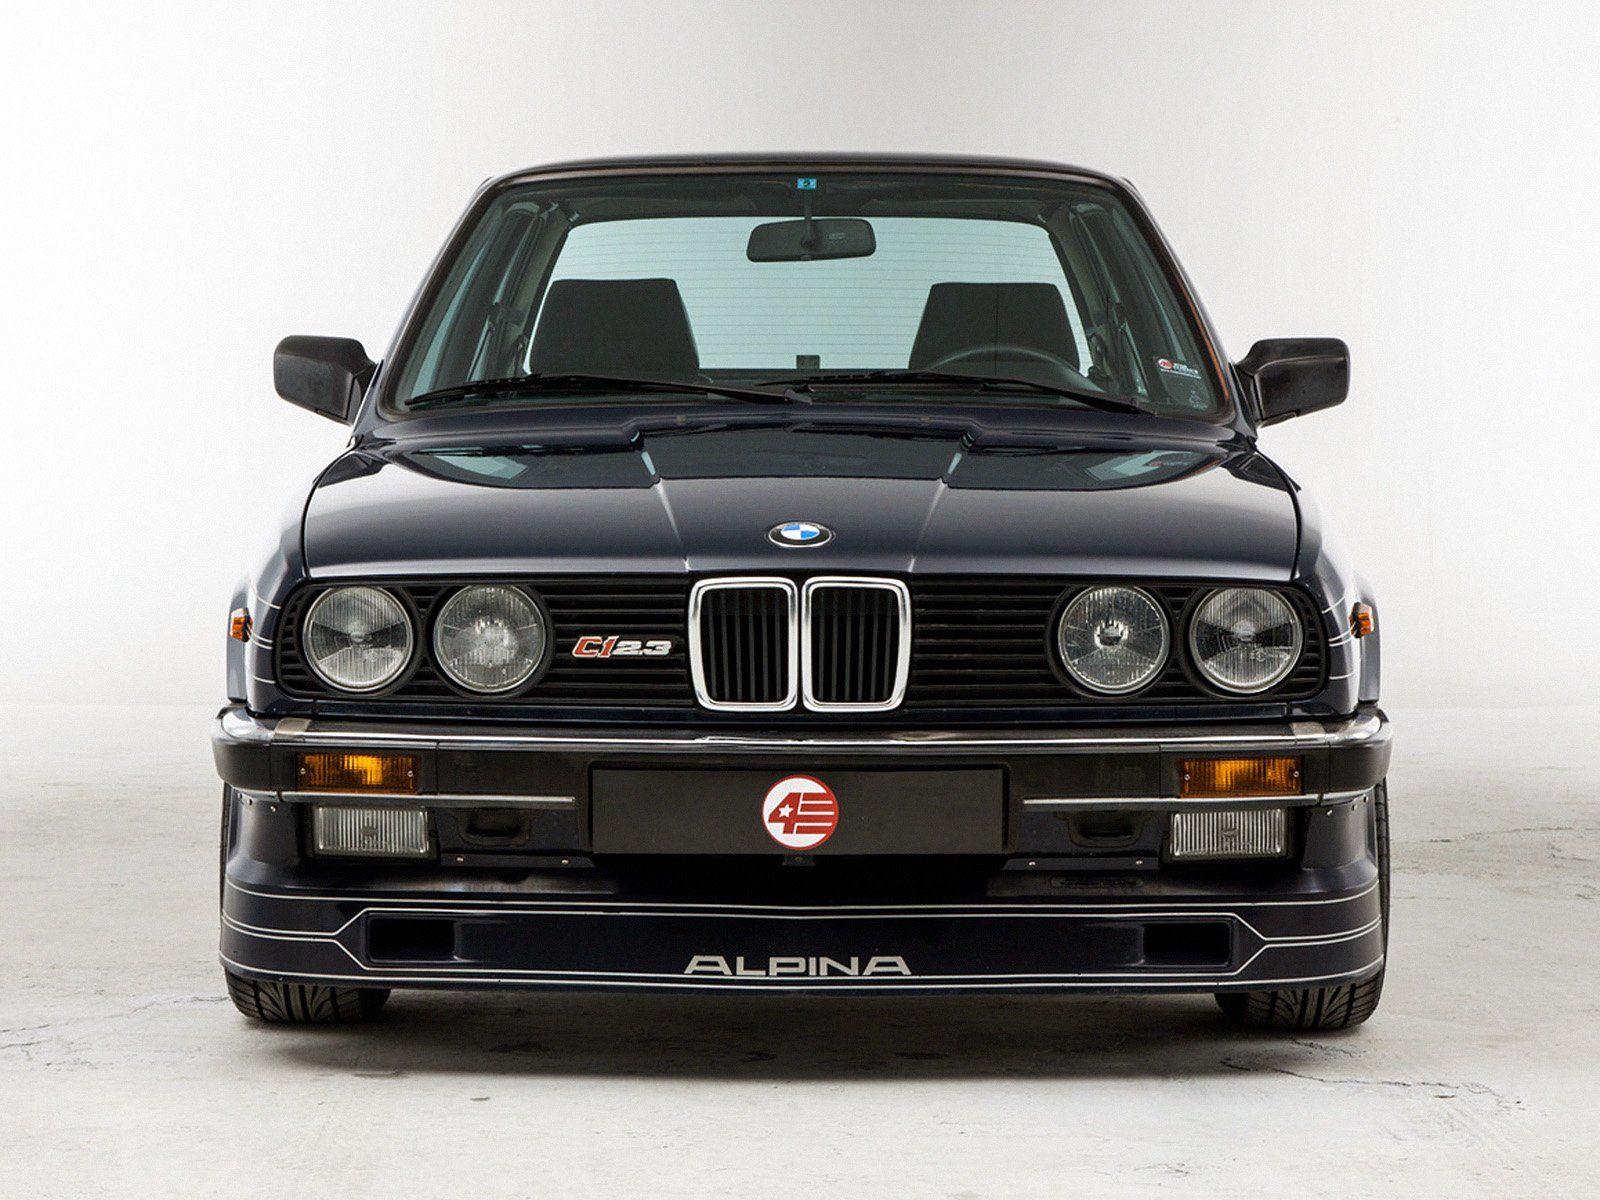 1983 alpina bmw e30 320i f alpina cars pinterest bmw e30 320i bmw e30 and e30